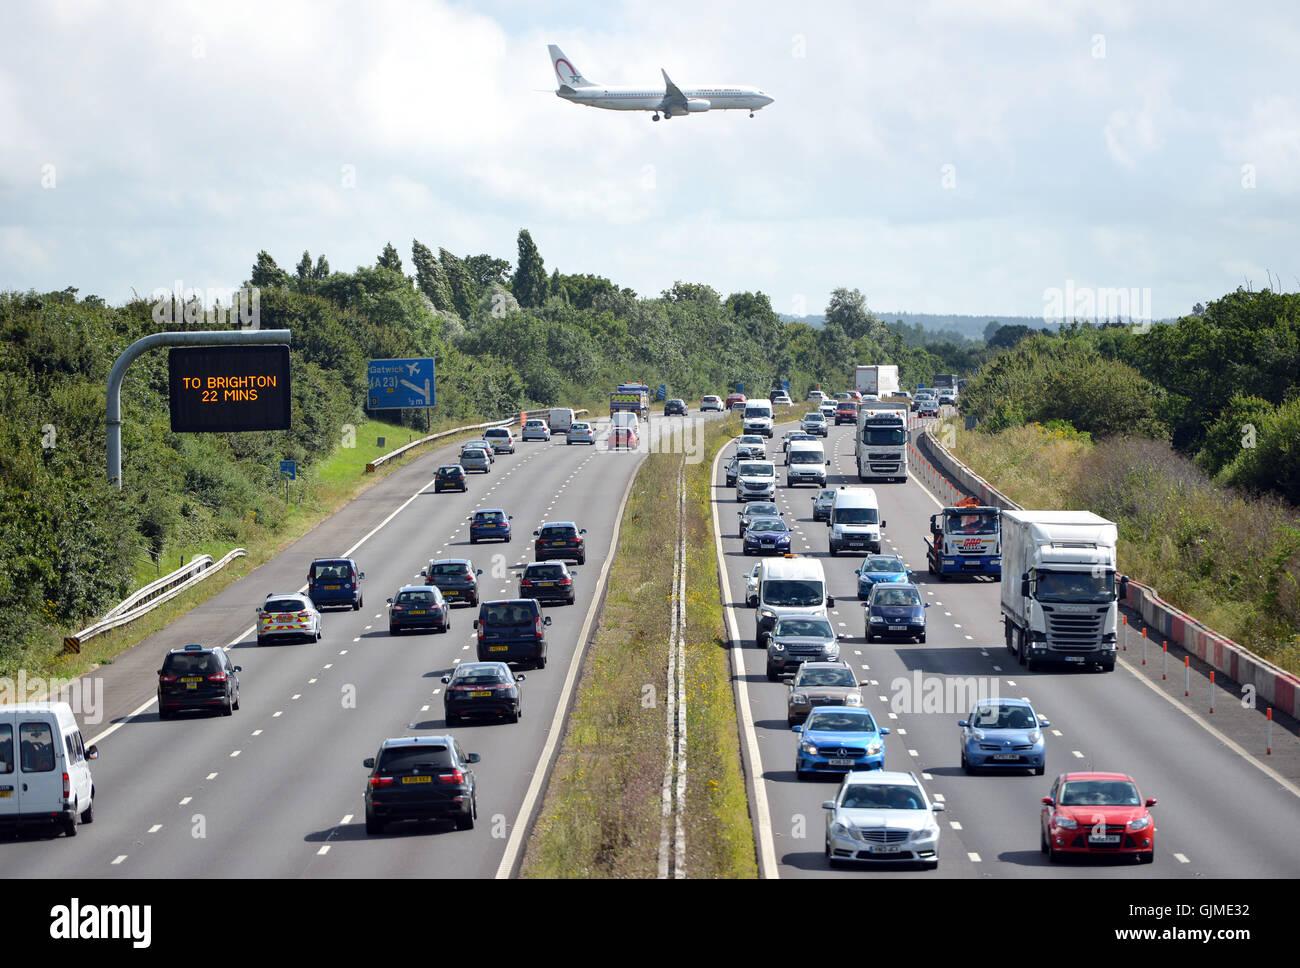 Plus d'un avion23, pour atterrir à l'aéroport de London Gatwick Photo Stock